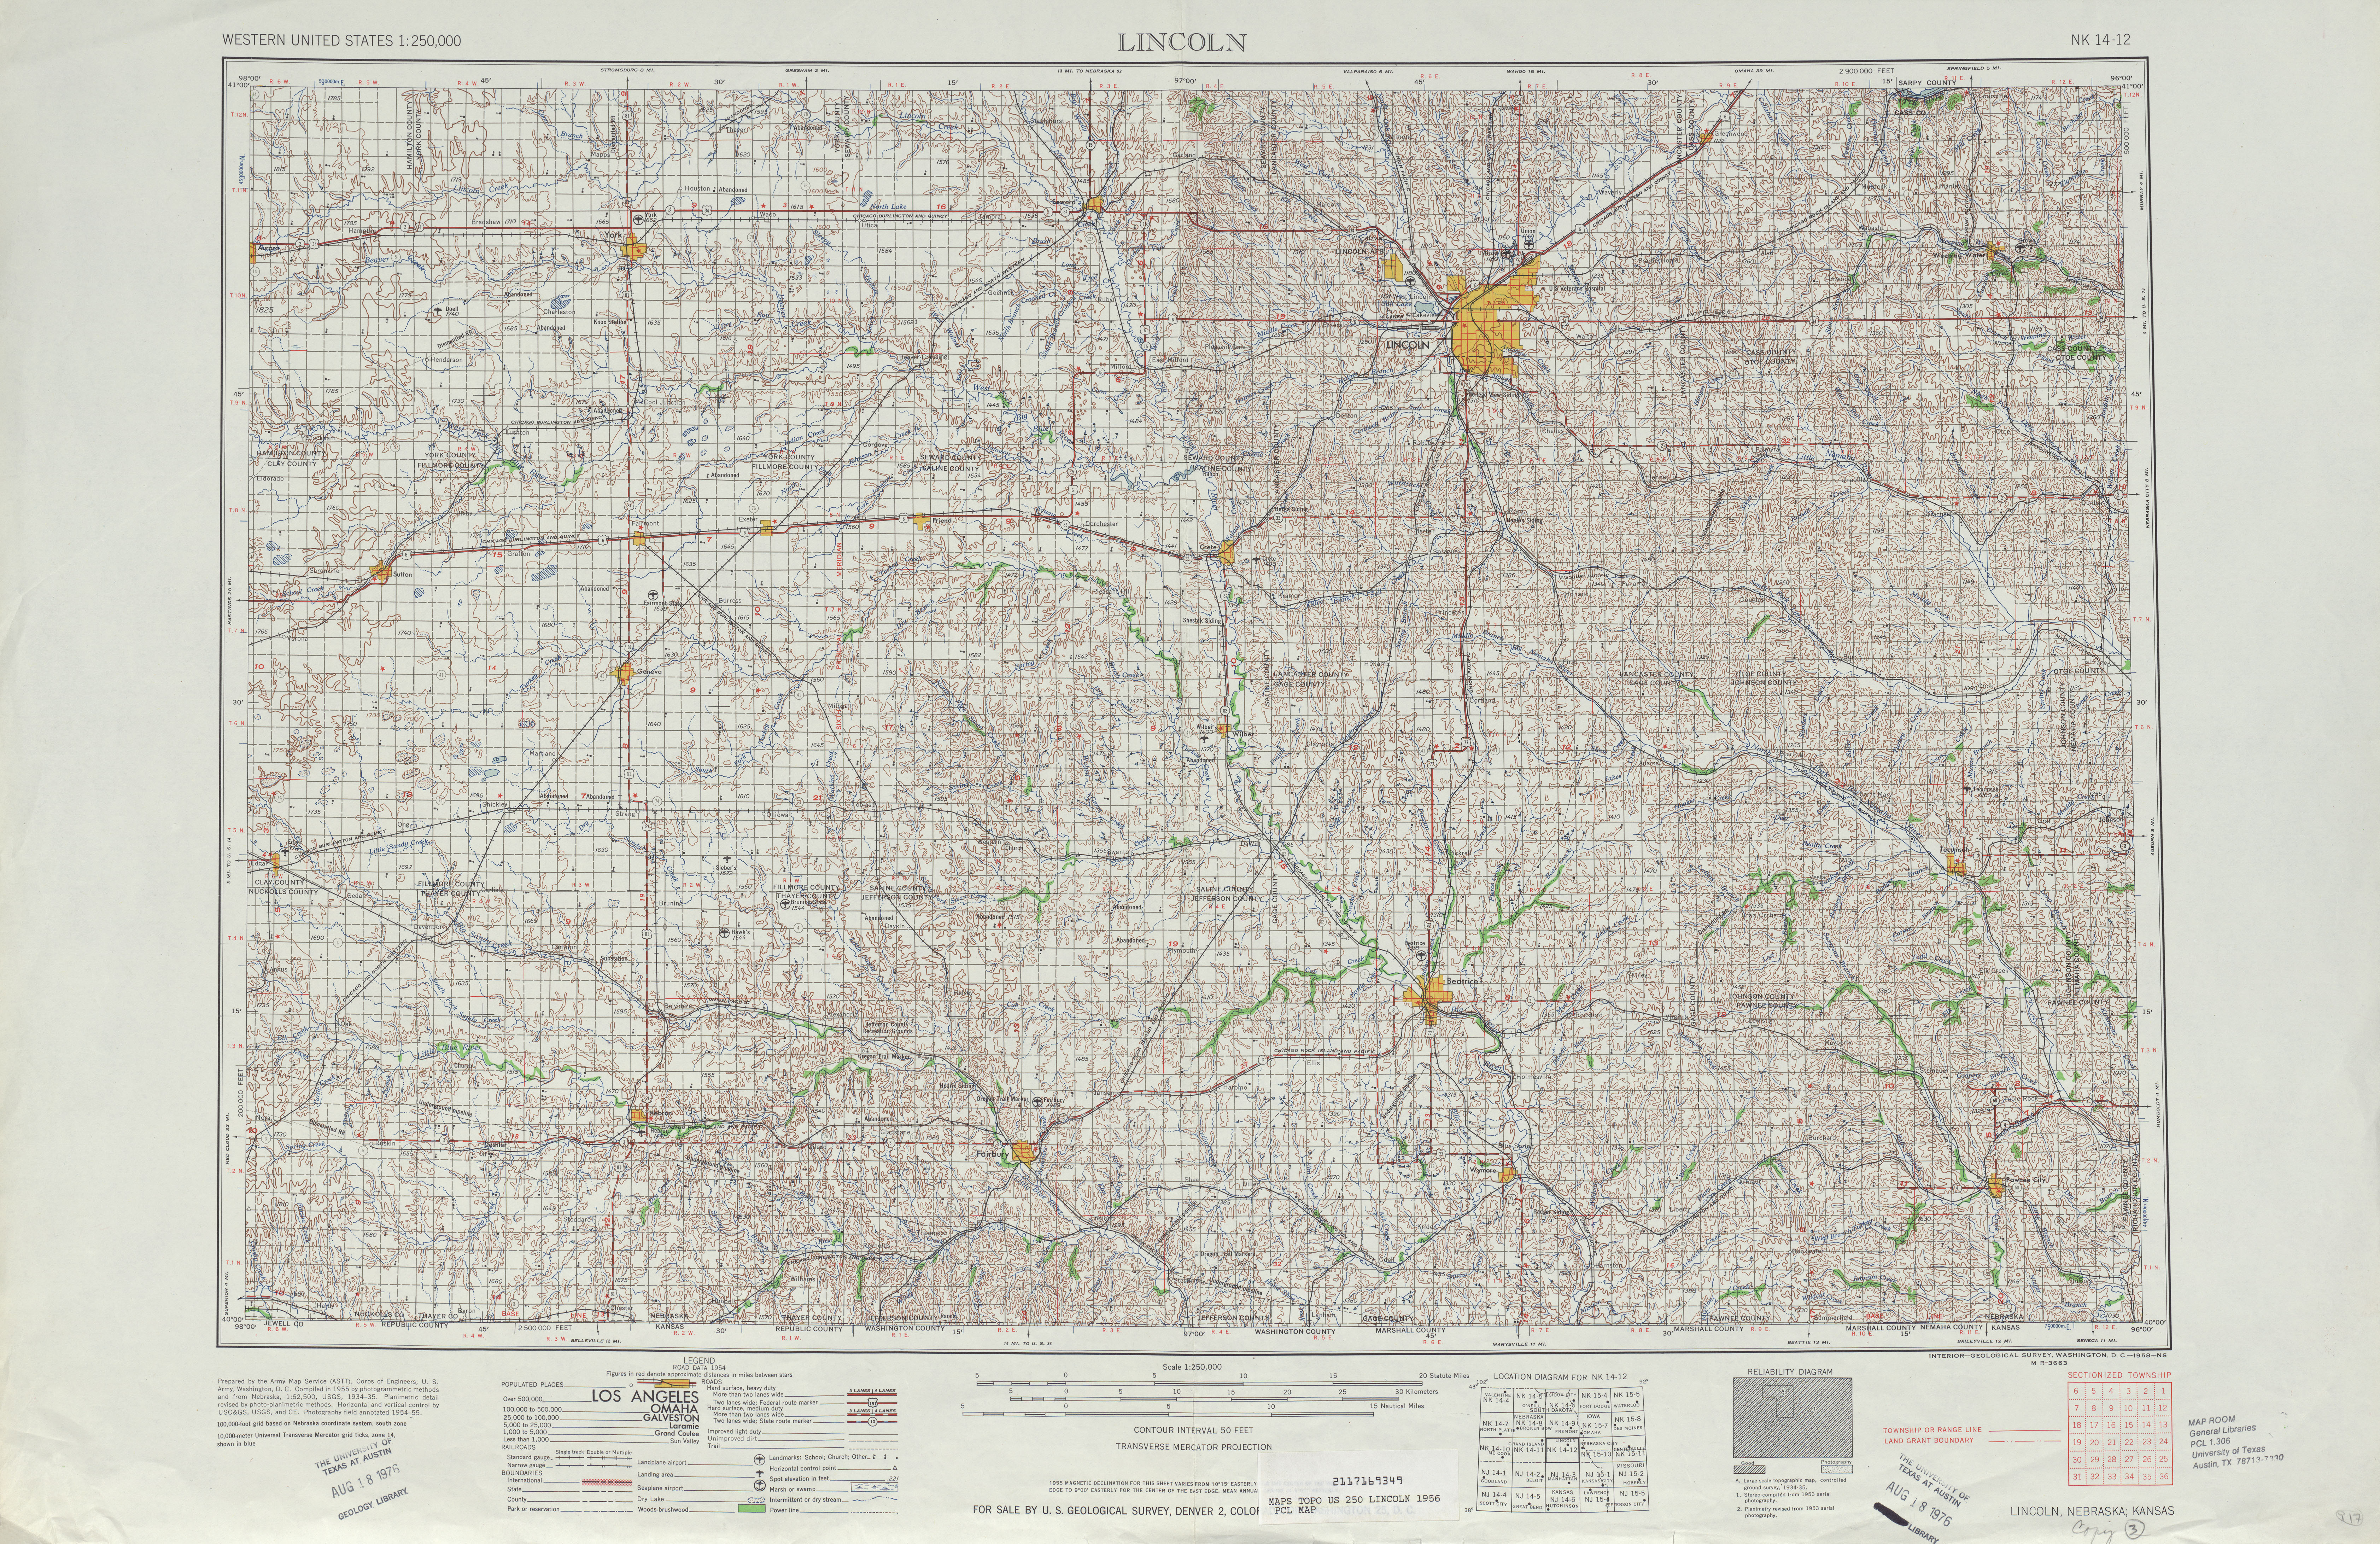 Hoja Lincoln del Mapa Topográfico de los Estados Unidos 1956